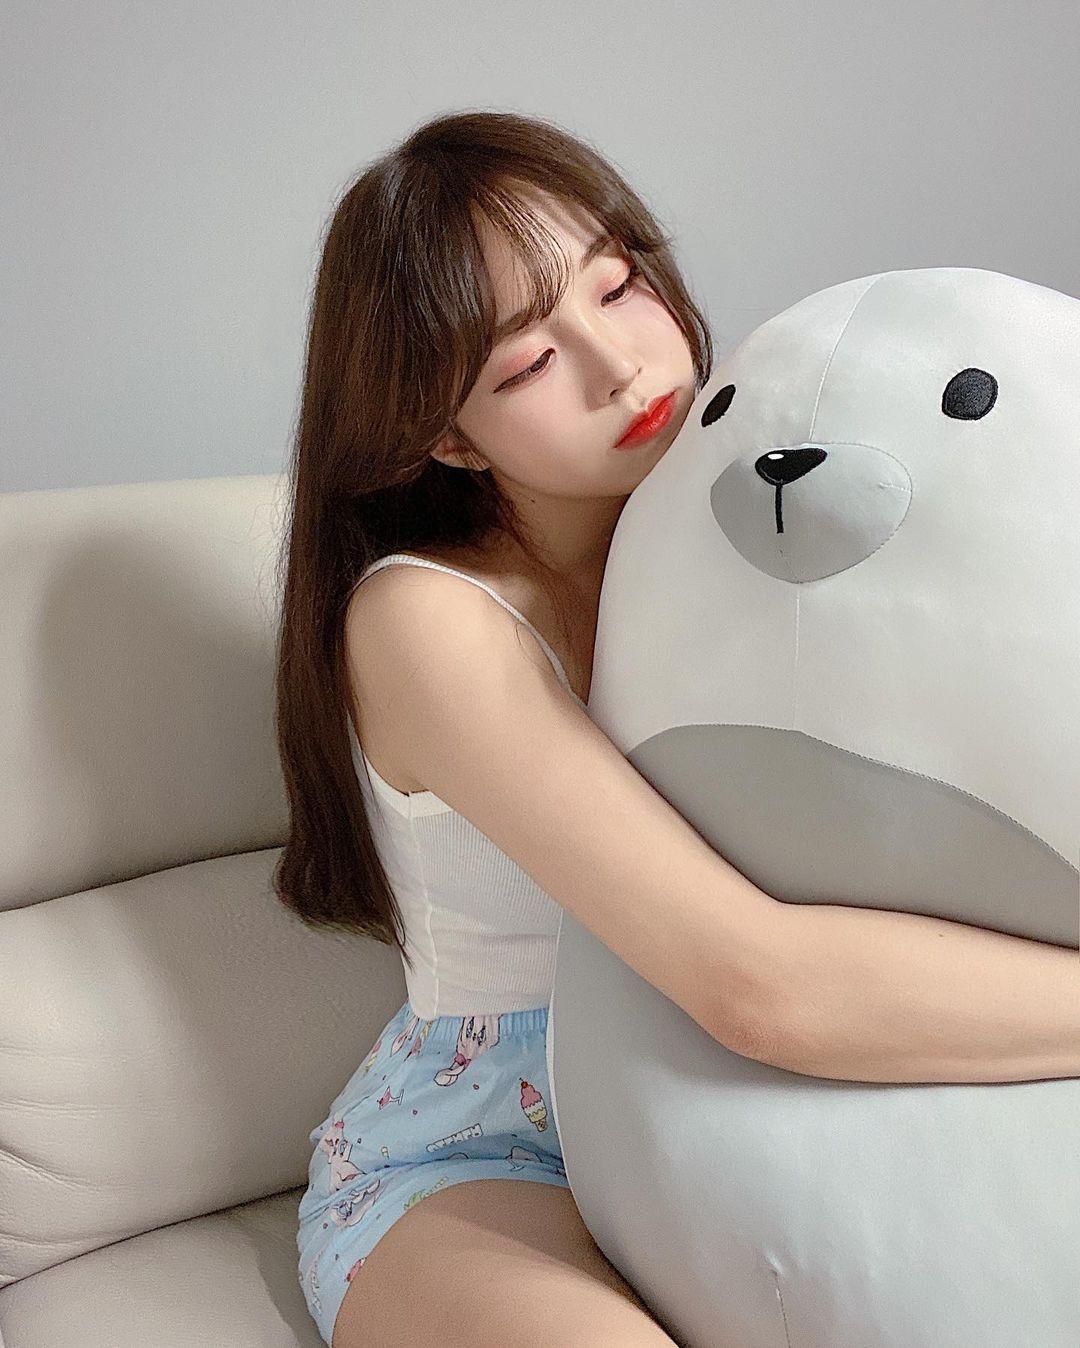 韩国最萌直播主「Coco」超甜女友力露齿灿笑给人满满初恋感!插图4